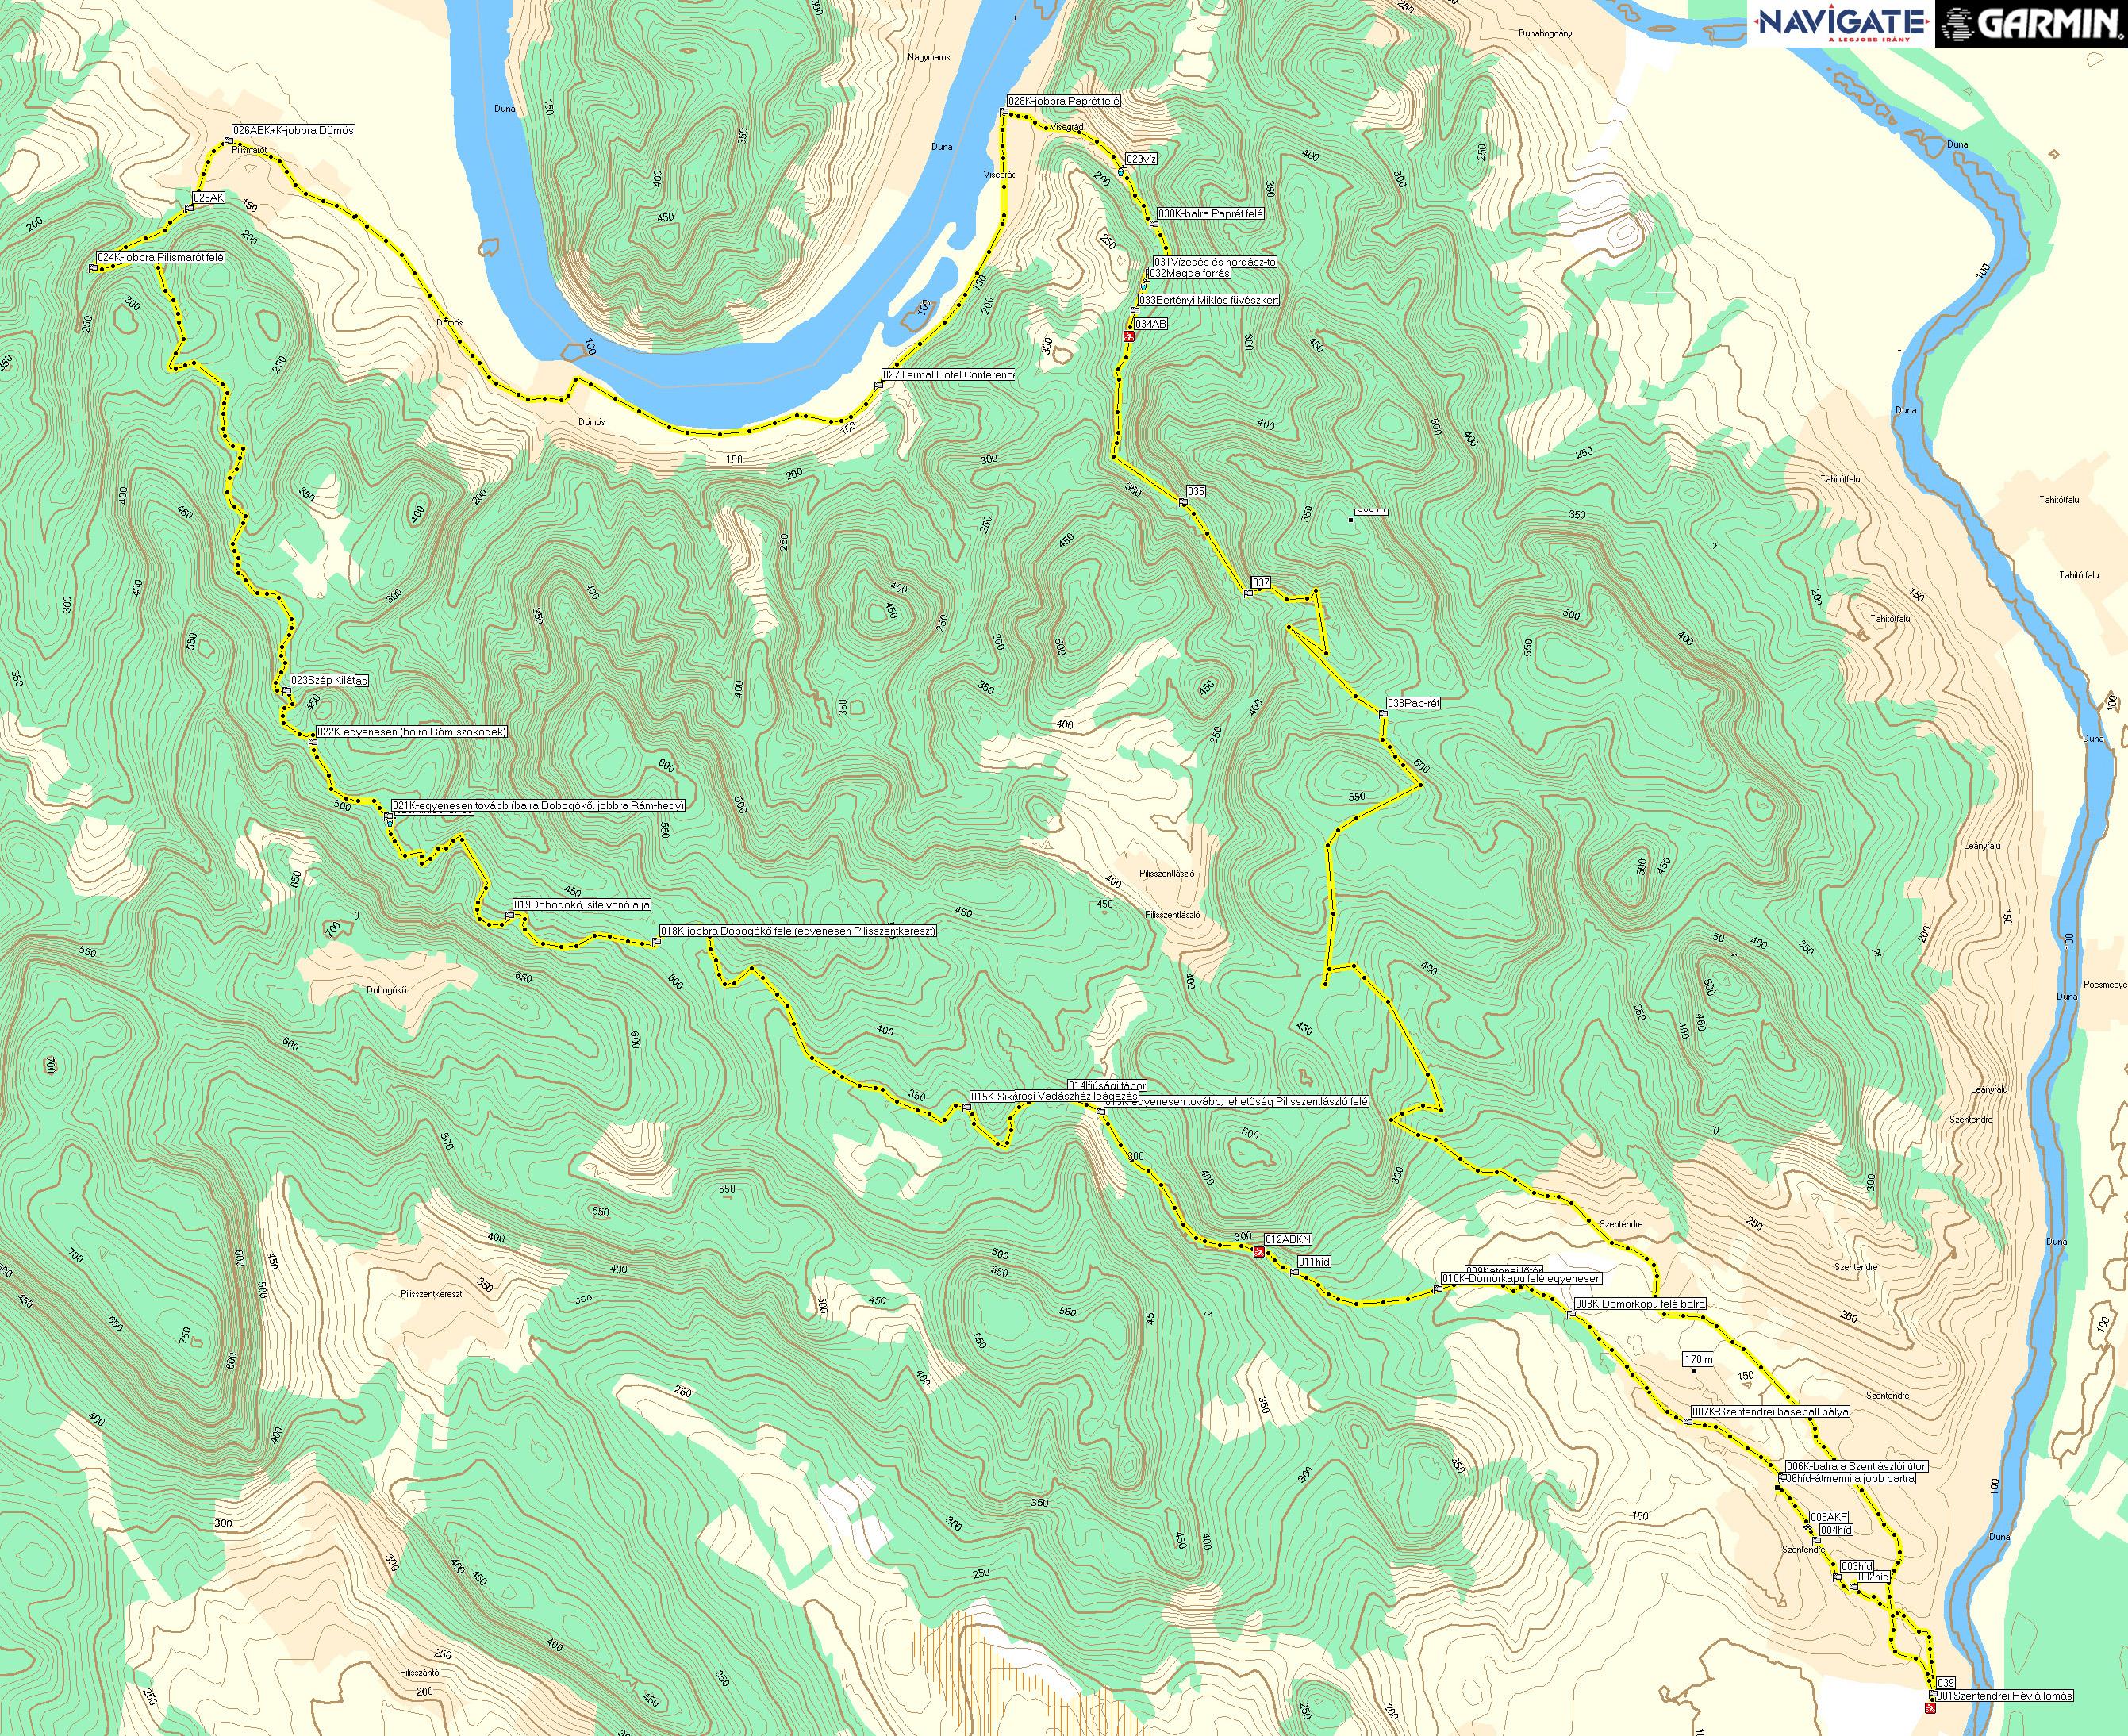 Szentendre_Dömörkapu_Pilismarót_Paprét_Szentendre_kerékpárút_biciklis_térkép.jpg